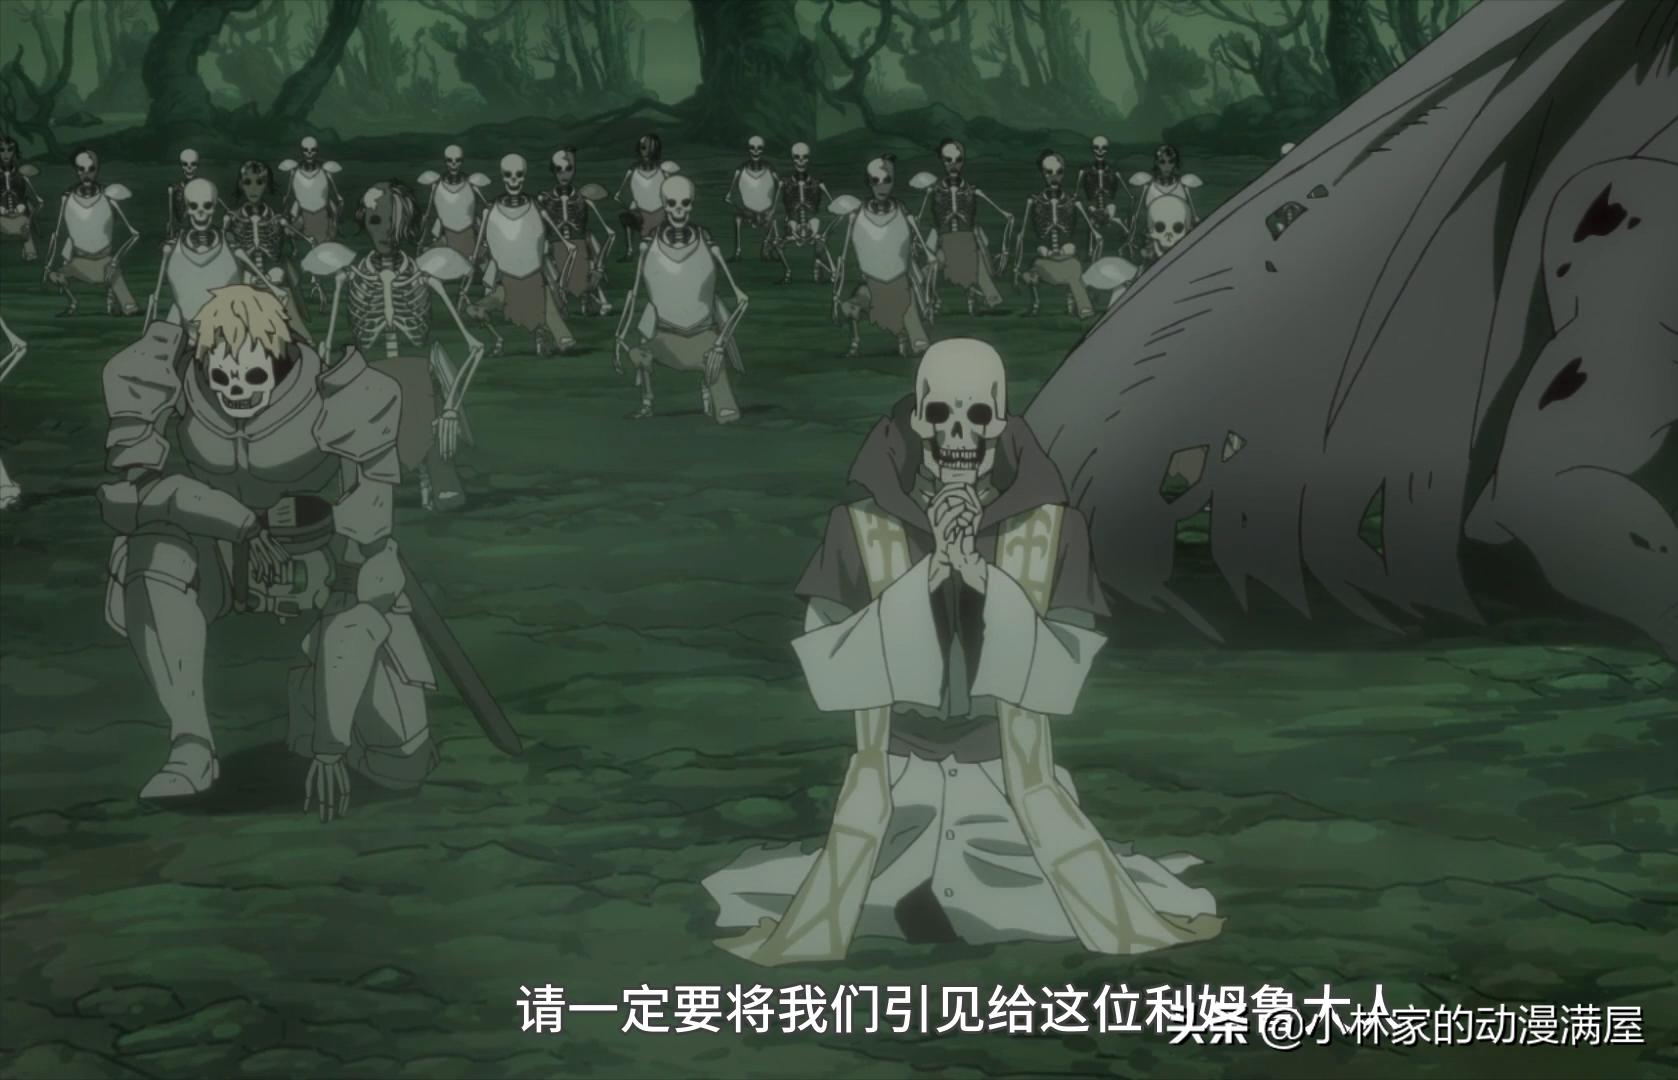 朱菜實力大爆發,萌王收獲第二個「史吹」,克萊曼作死成魔王公敵